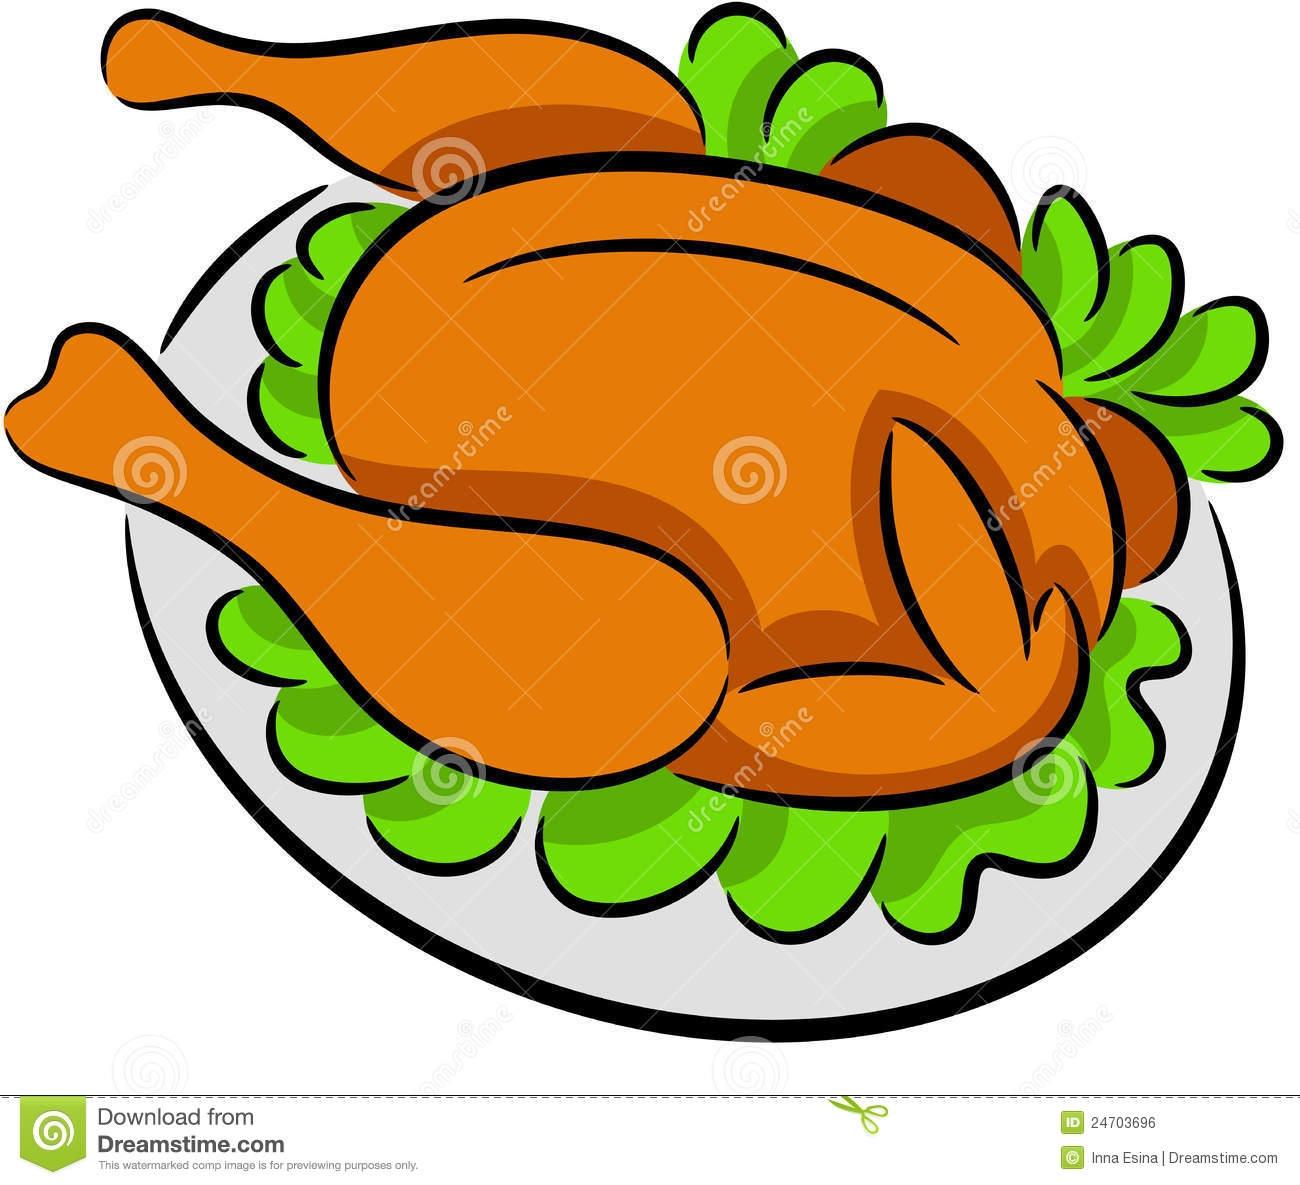 Steak clipart chicken dinner Clipartsgram Grilled com Chicken Dinner